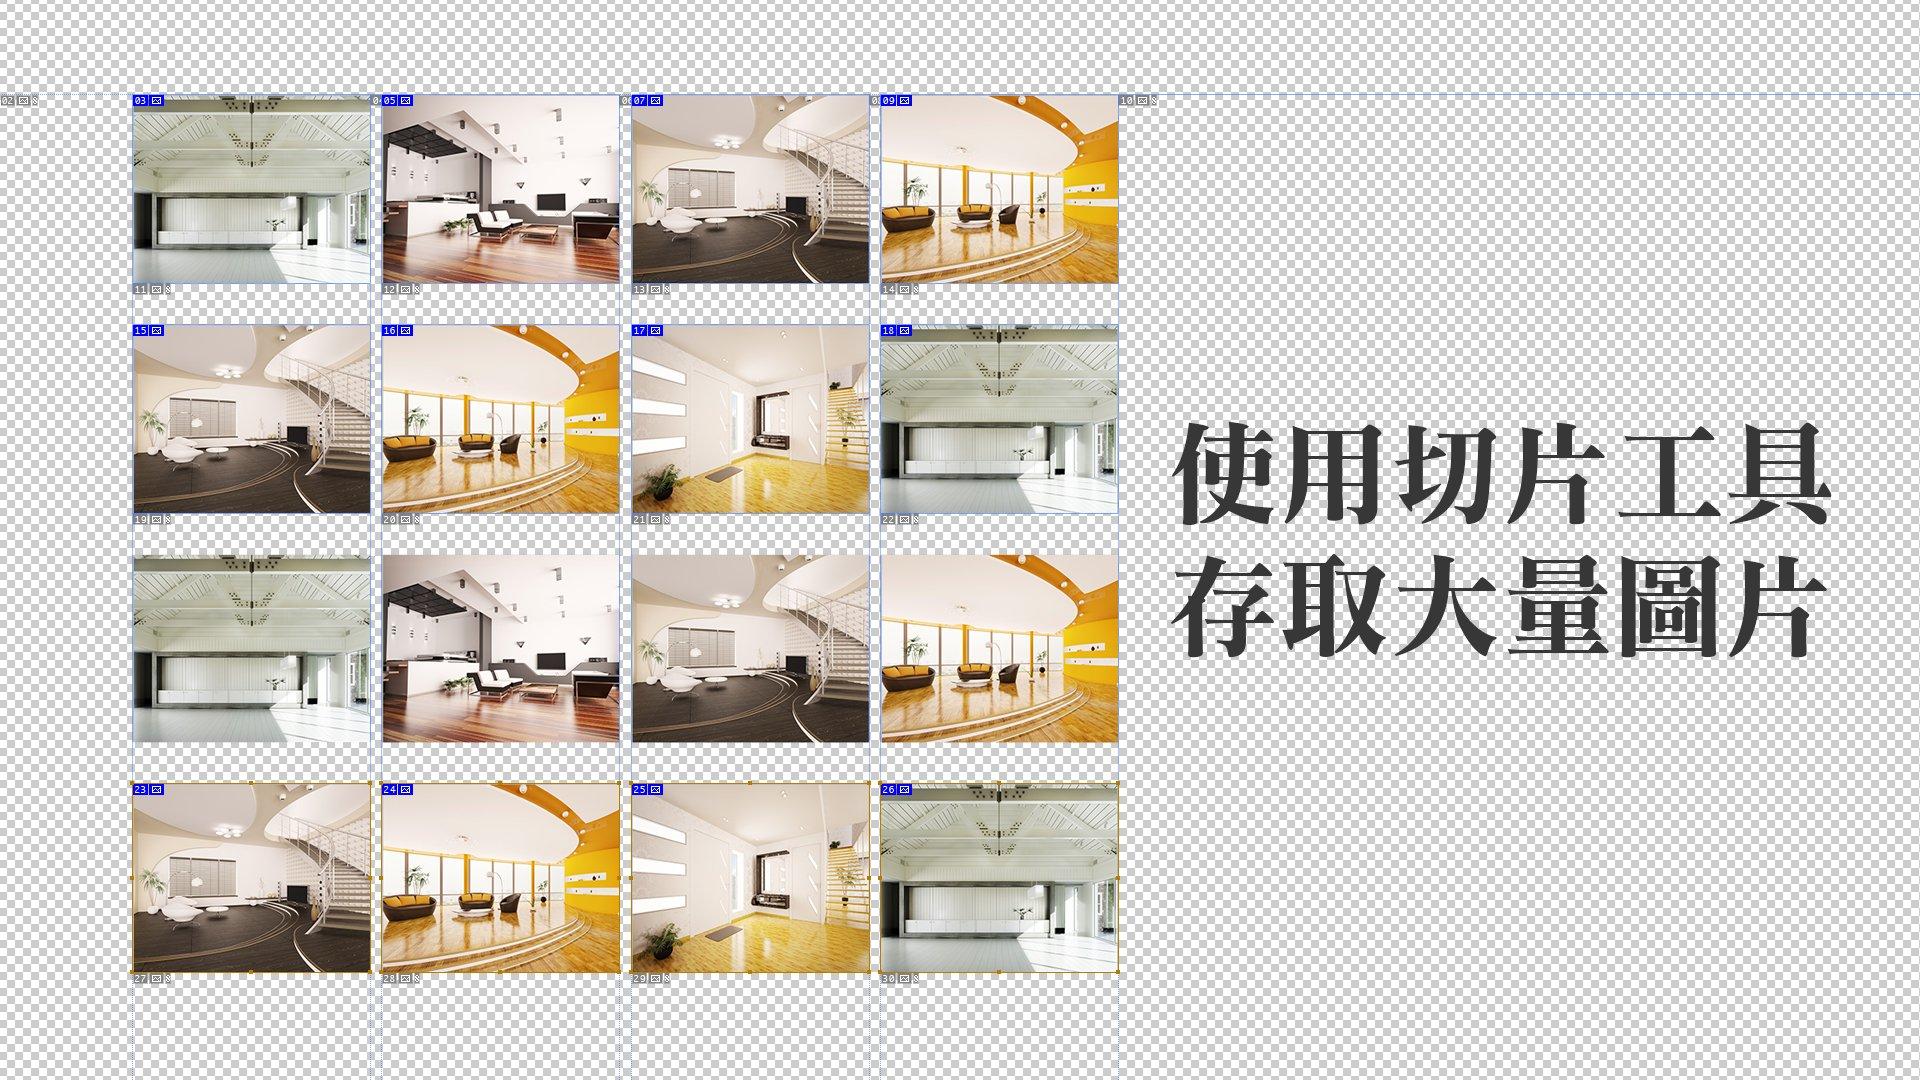 使用切工具存取大量圖片